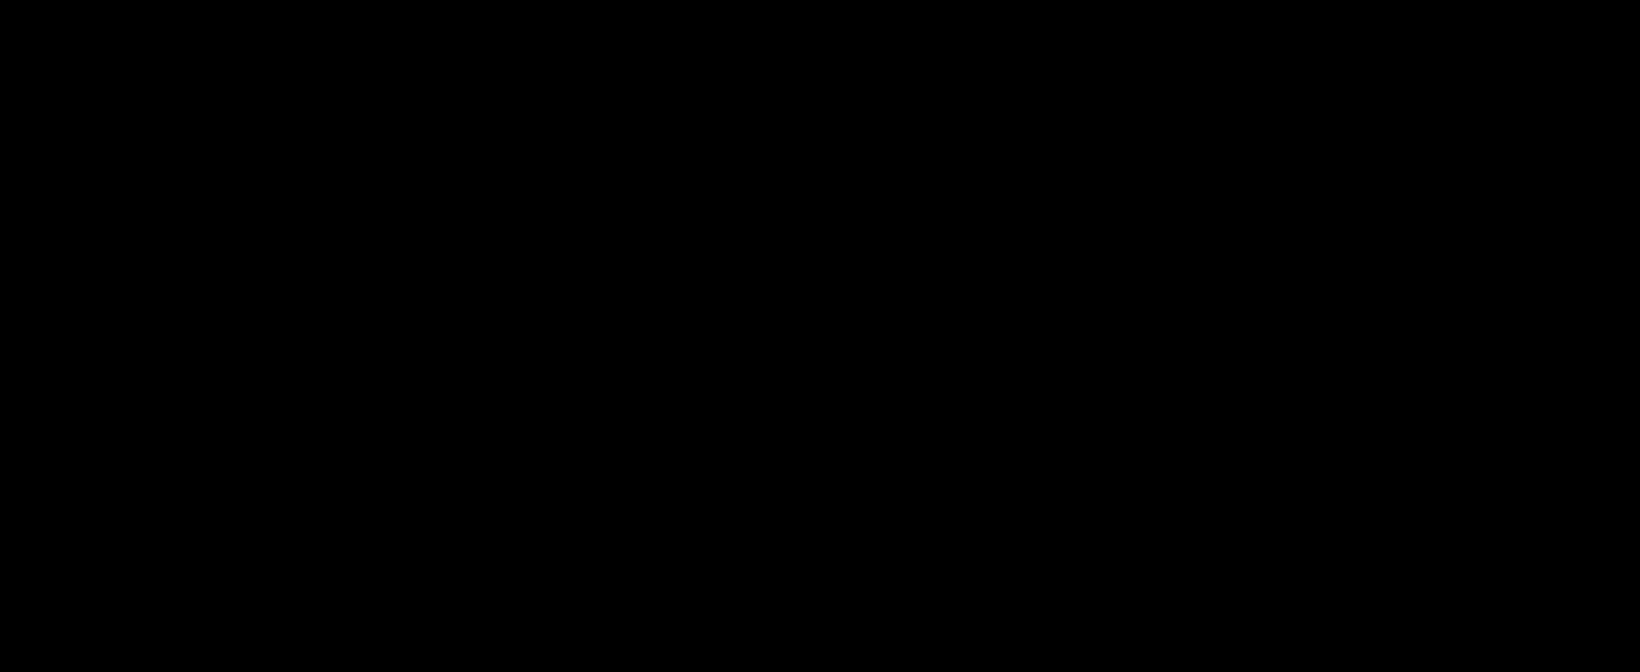 Levothyroxinemonobromo impurity